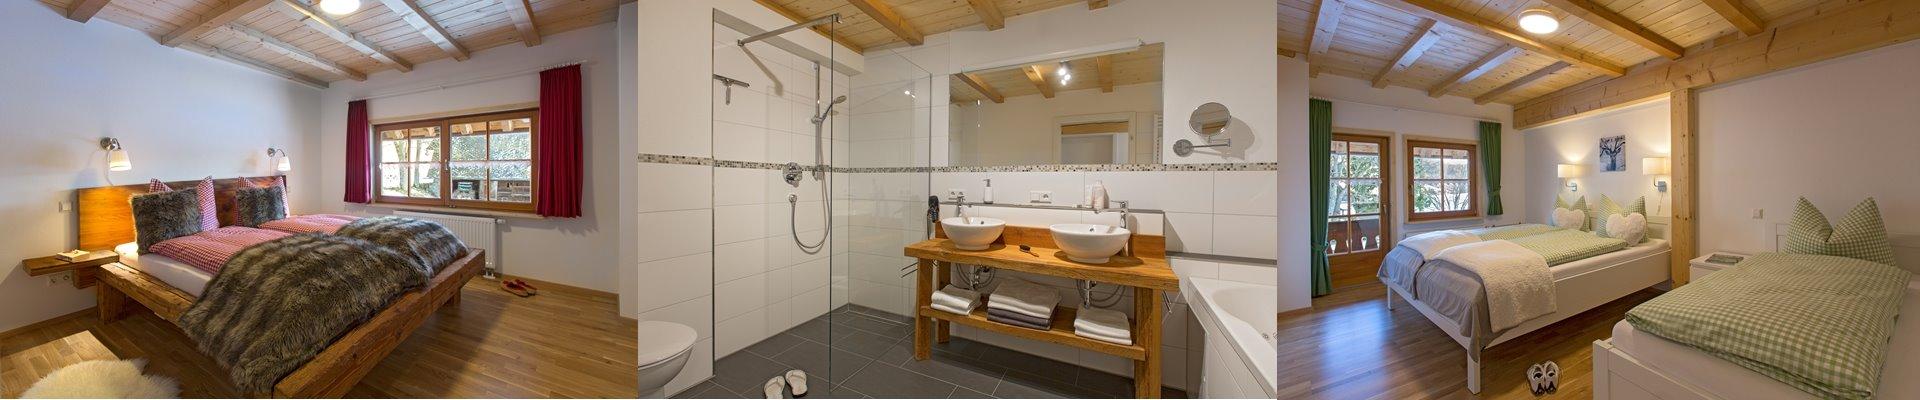 Collage: Schlafzimmer1 + Bad mit Dsuche und Whirlwanne + Schlafzimmer2 / Griesbachhof-Schwarzwald